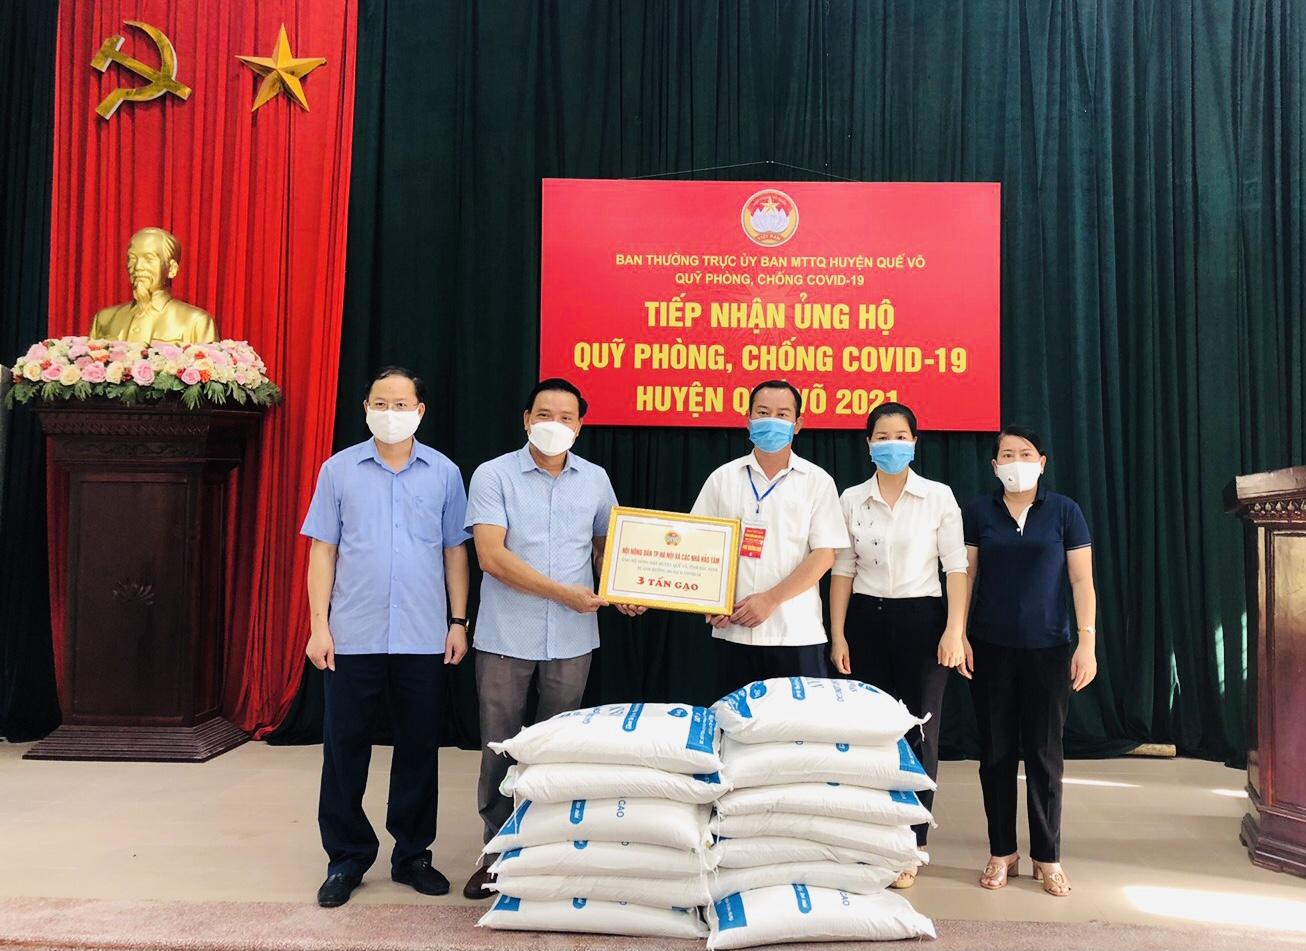 Hội Nông dân Bắc Ninh tặng 21 tấn gạo cho nông dân vùng dịch - Ảnh 1.